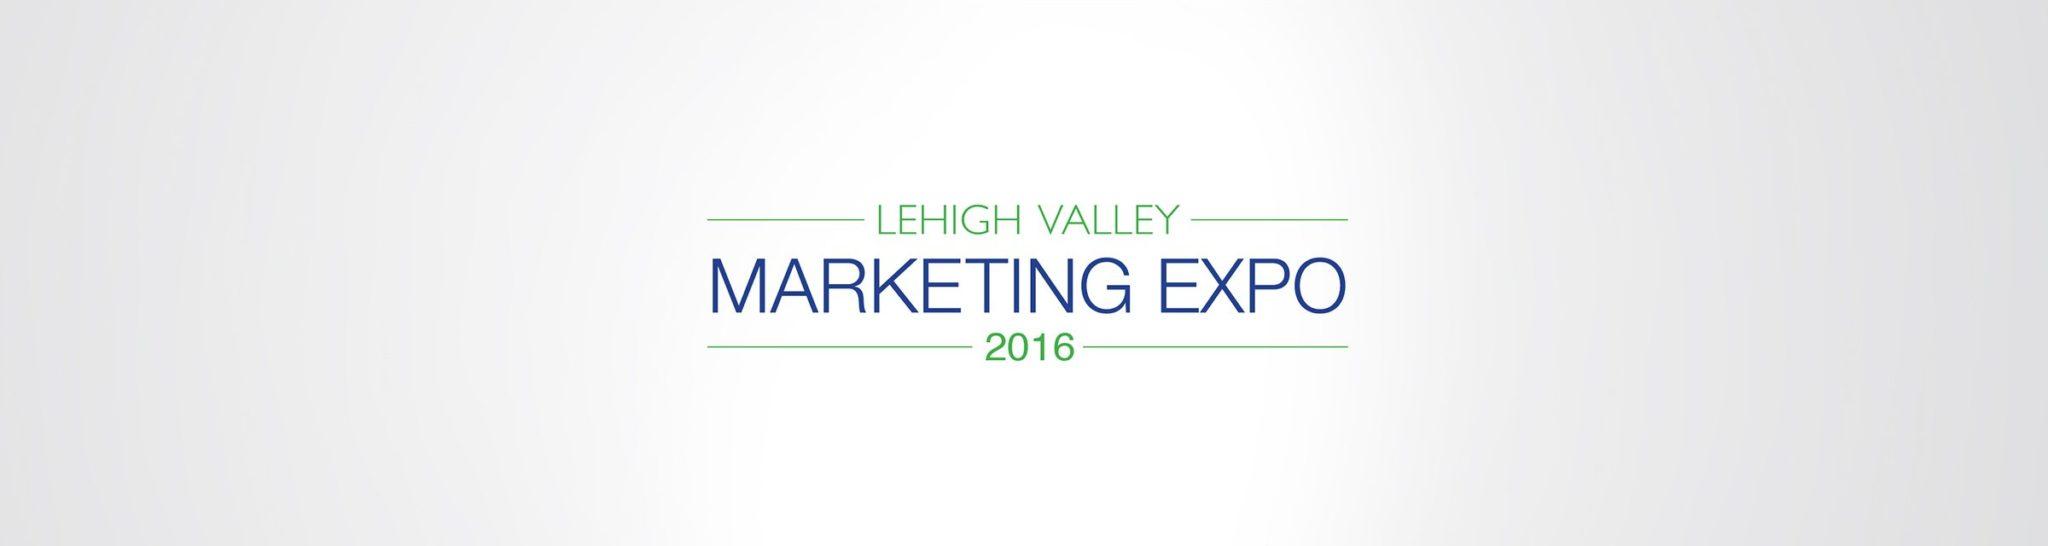 Lehigh Valley Marketing Expo